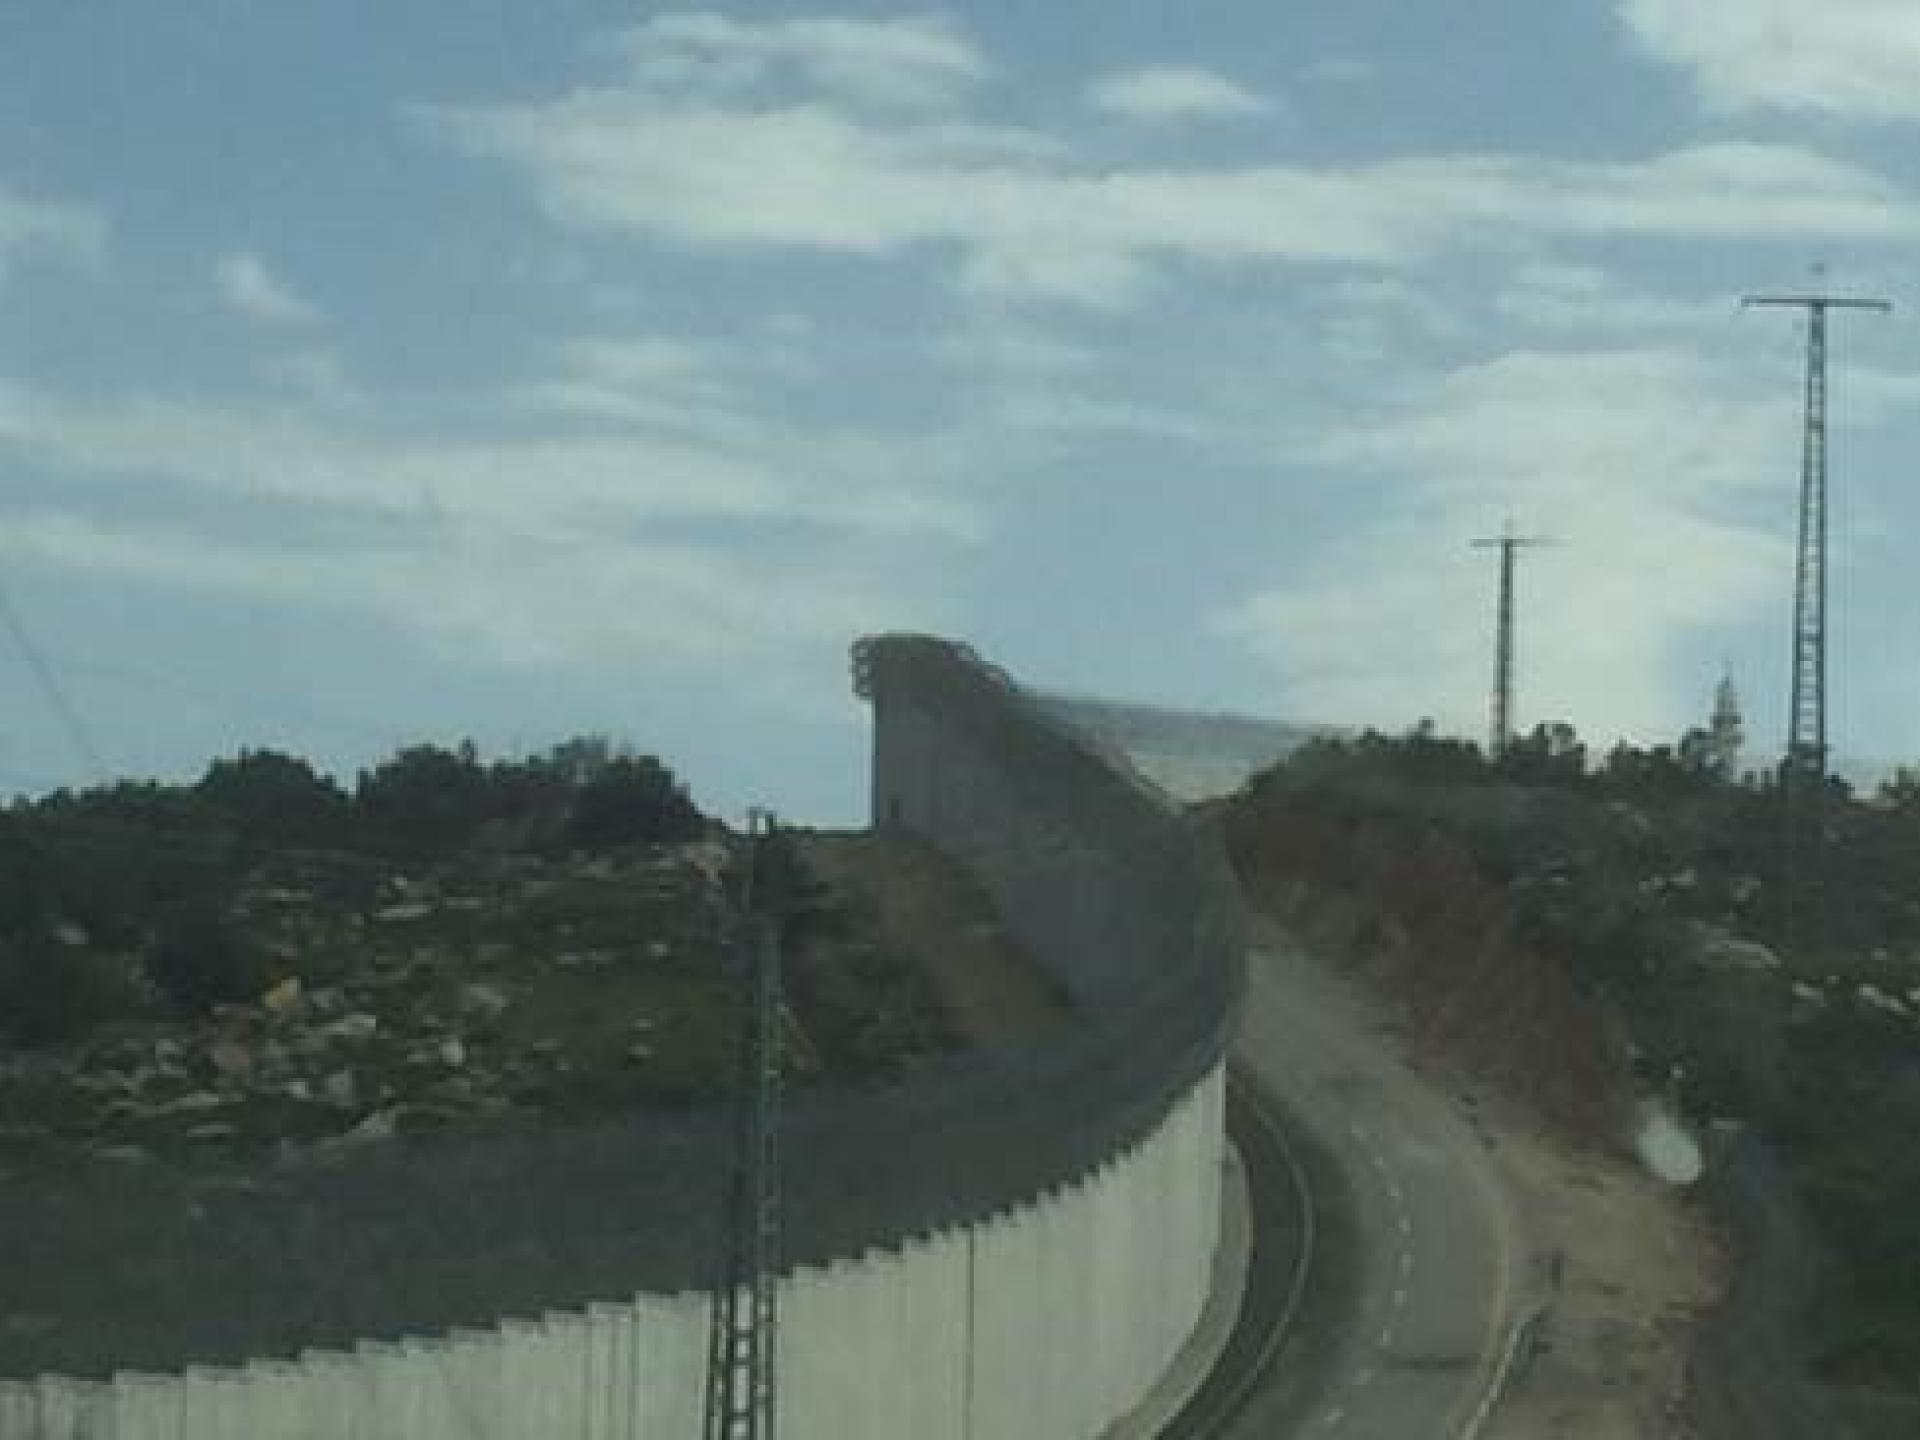 חומת ההפרדה באזור התנחלות נגוהות נמצאת על הקו הירוק, אשר נקבע כקו הפרדה בין ישראל לשכנותיה ב 1949. נגוהות נמצאת בצד המזרחי (הפלסטיני) של החומה; ישראל נמצאת בצד המערבי